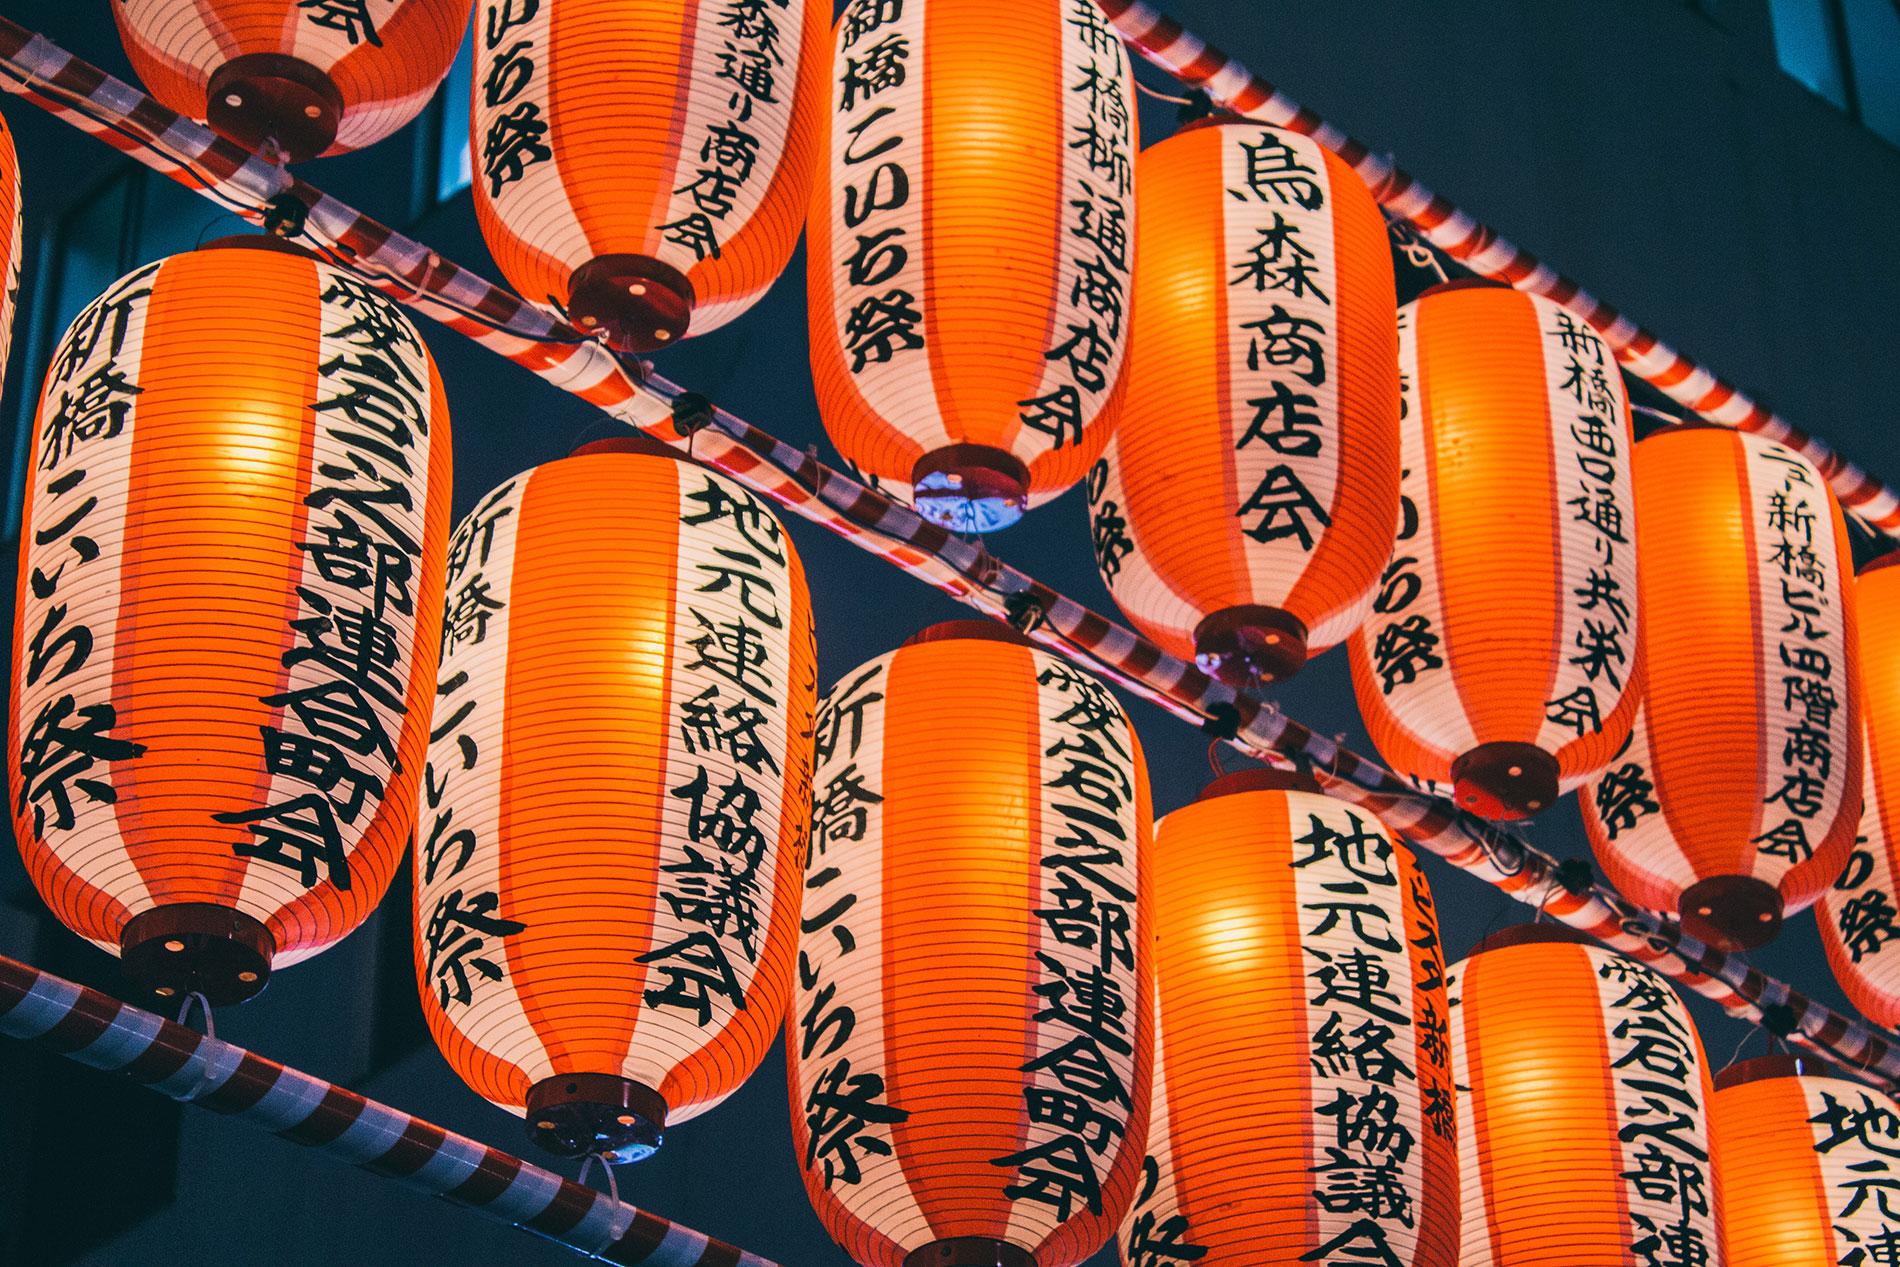 Beim o-bon Fest im August gedenken die Japaner ihren Ahnen, unter anderem mit vielen leuchtenden Papierlaternen. (Foto: Atul Vinayak auf Unsplash https://unsplash.com/photos/BkhQelOvCUQ)